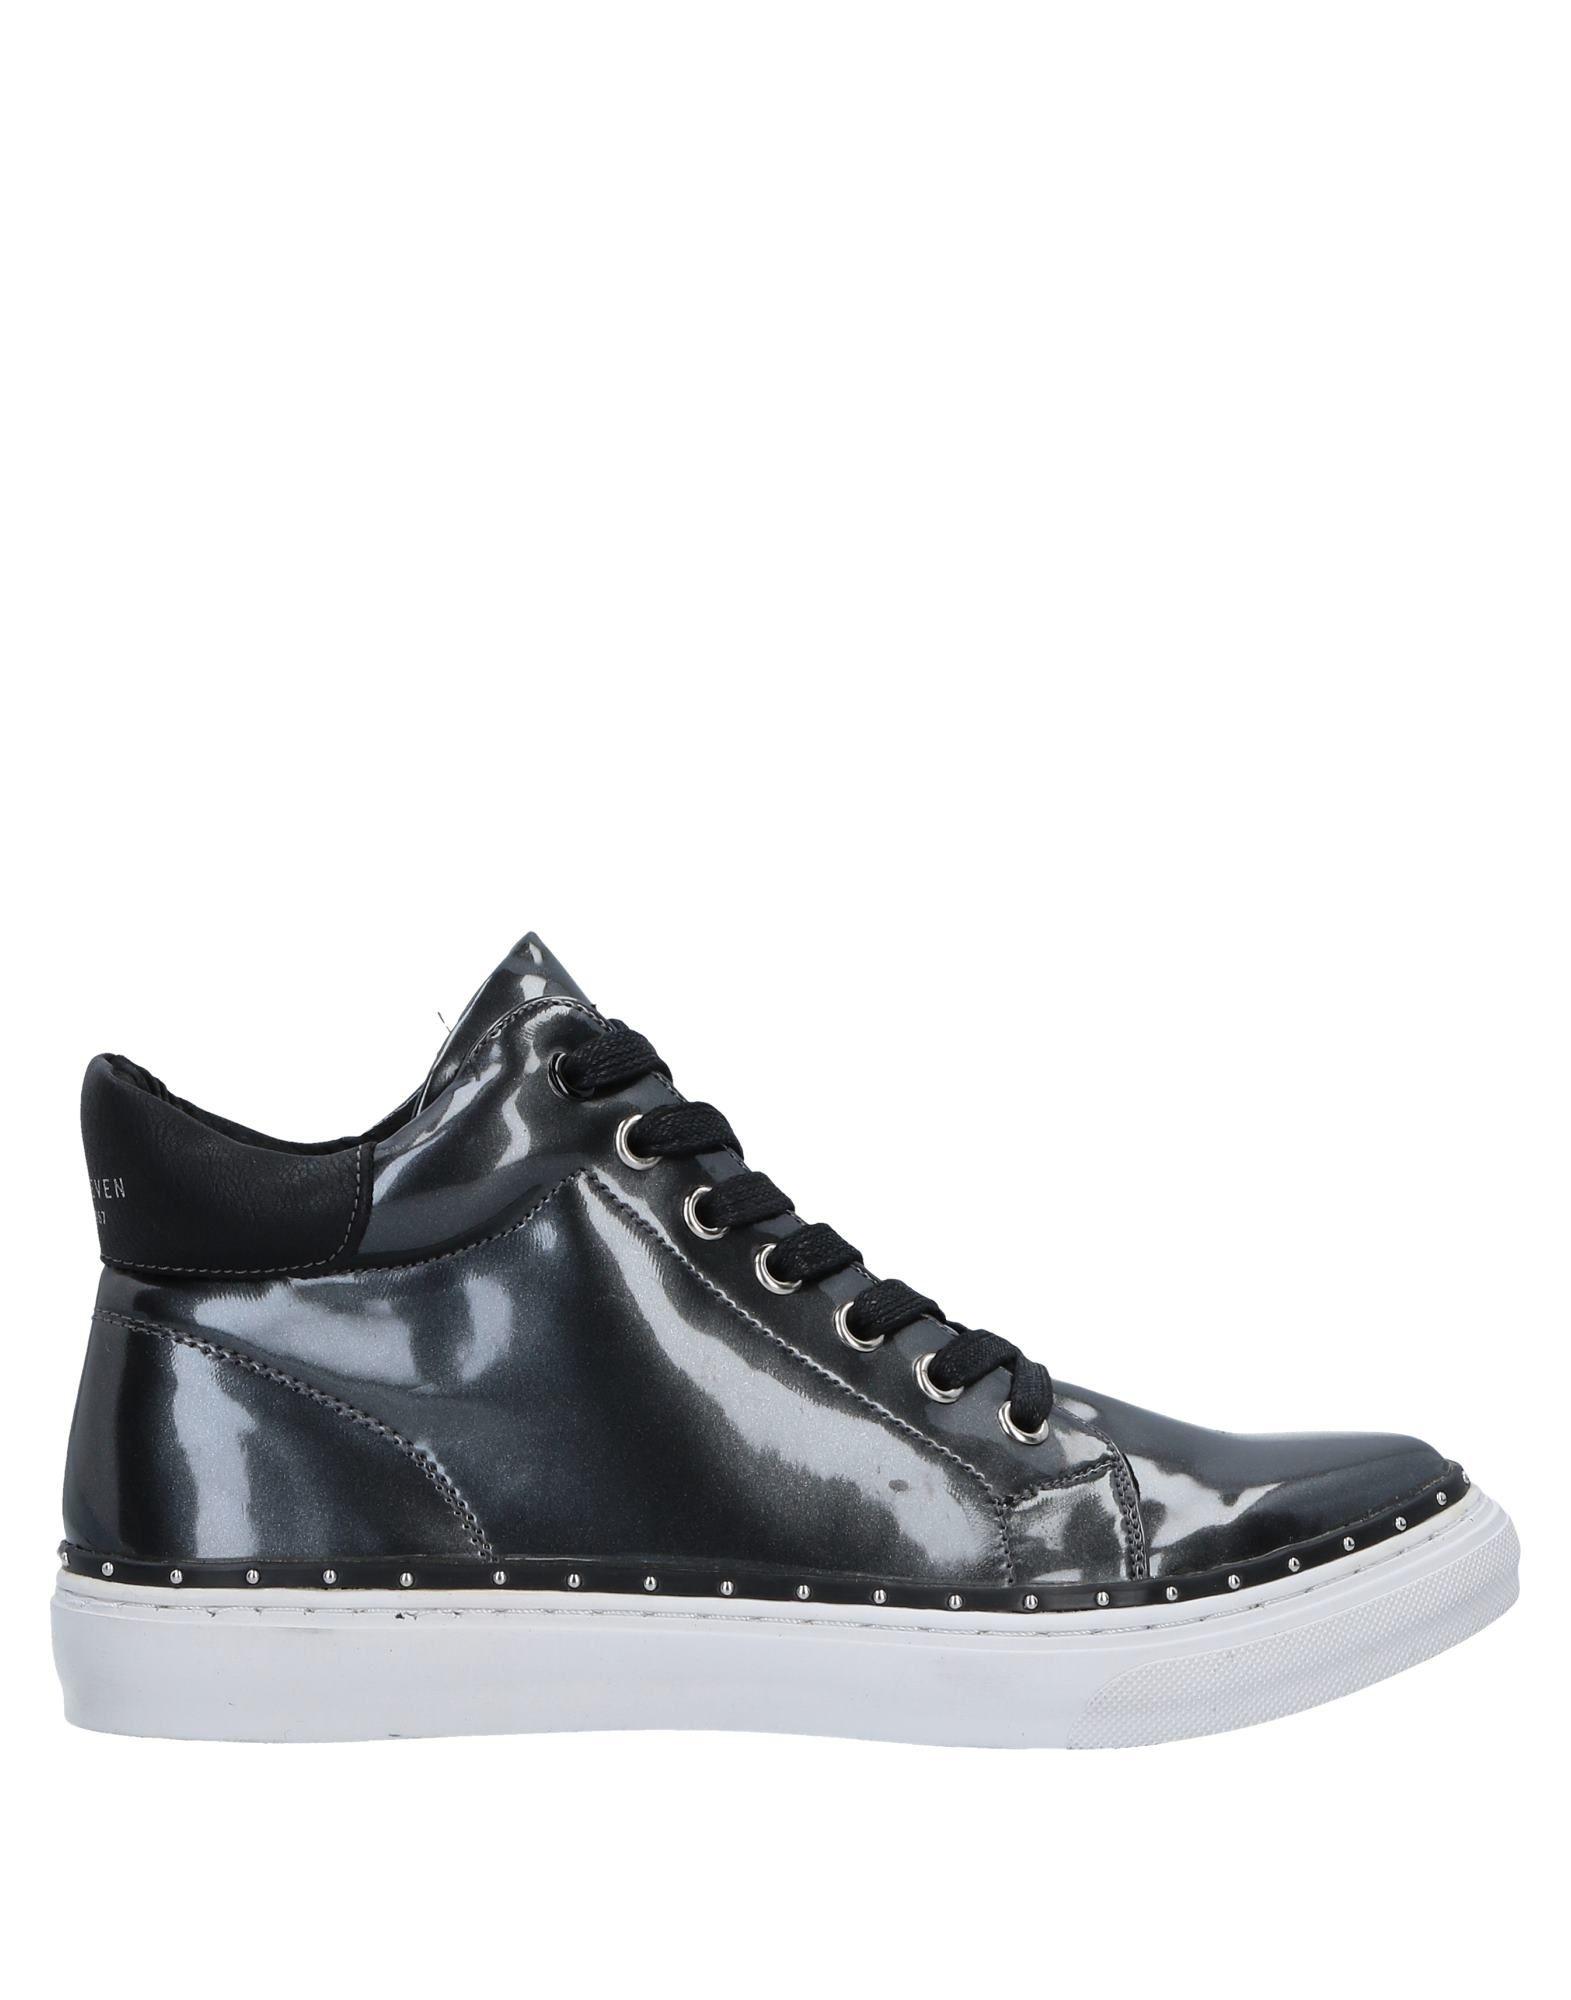 67 Sixtyseven Sneakers Damen  11542084AK Gute Qualität beliebte Schuhe